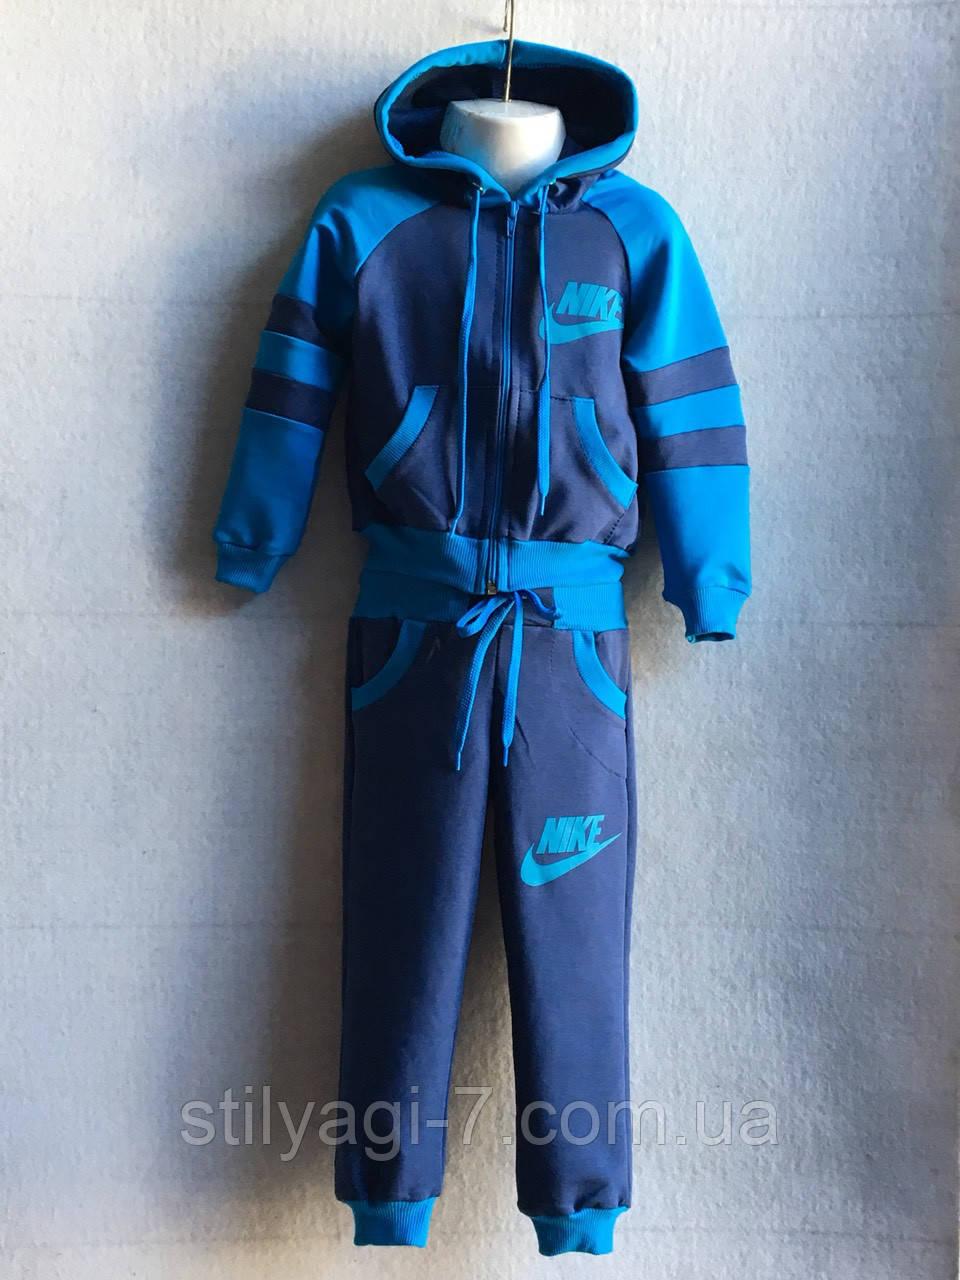 Спортивный костюм для мальчика на 2-3 лет синего цвета Nike c капюшоном оптом